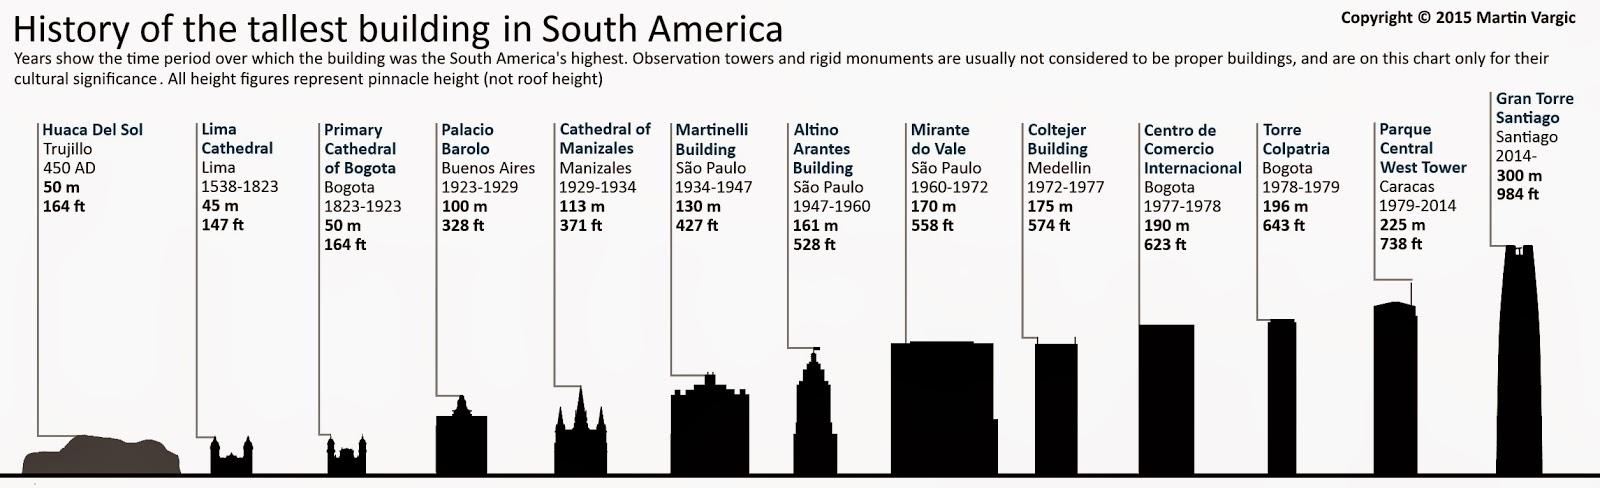 Las construcciones más altas de América del Sur. Las construcciones más altas del mundo. Construcciones más altas de Suramerica